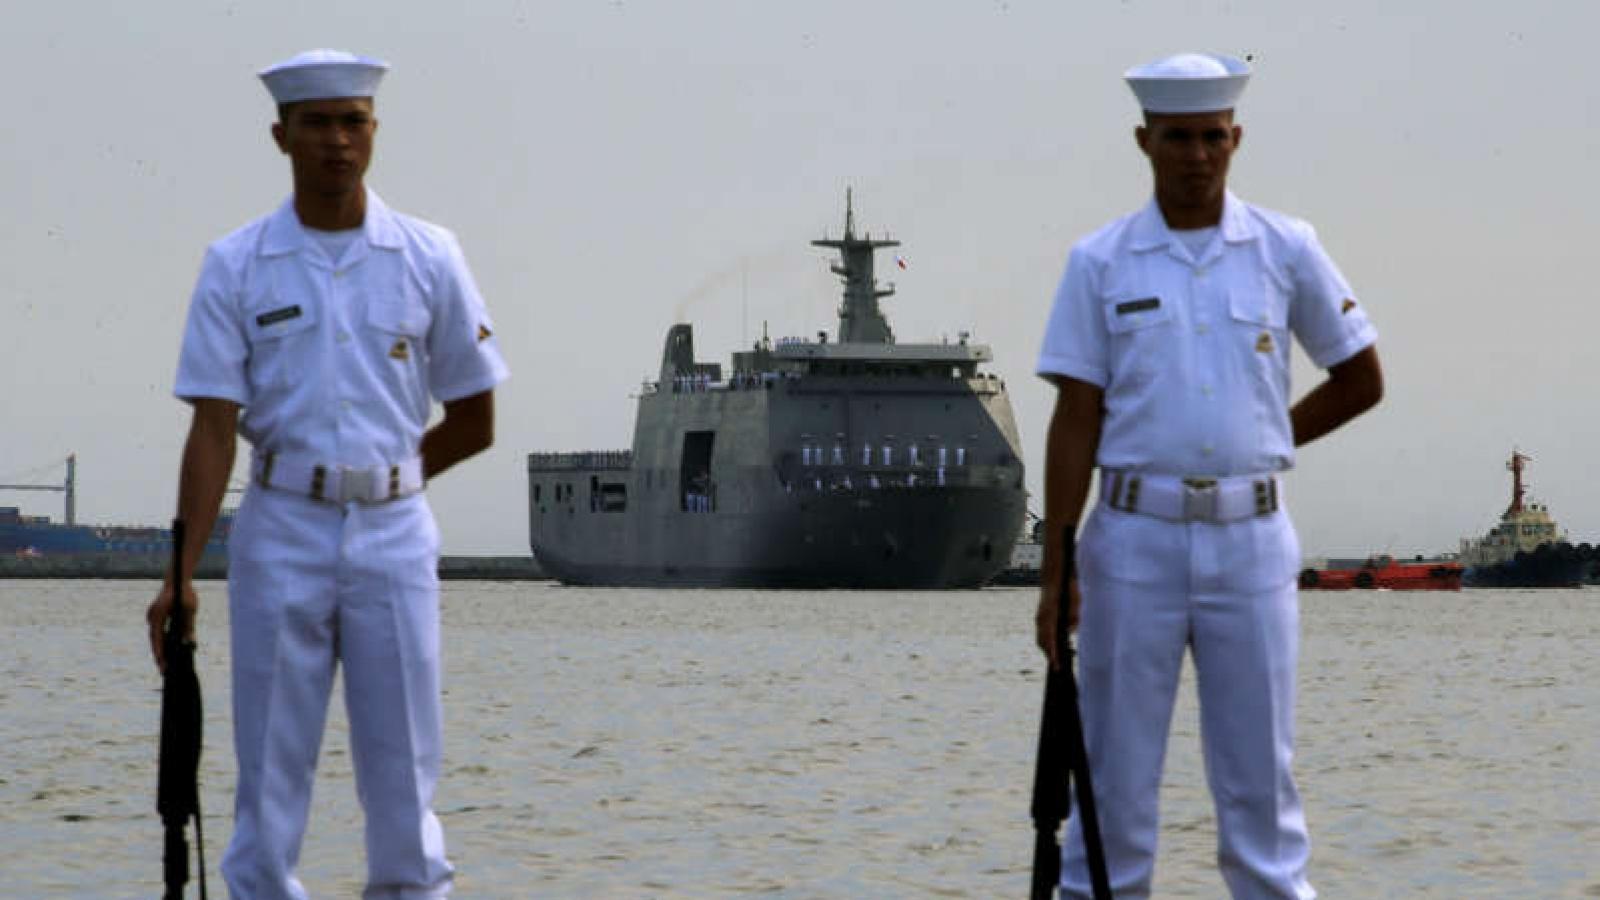 Philippines gửi 2 công hàm phản đối sự hiện diện của tàu thuyền Trung Quốc trên Biển Đông